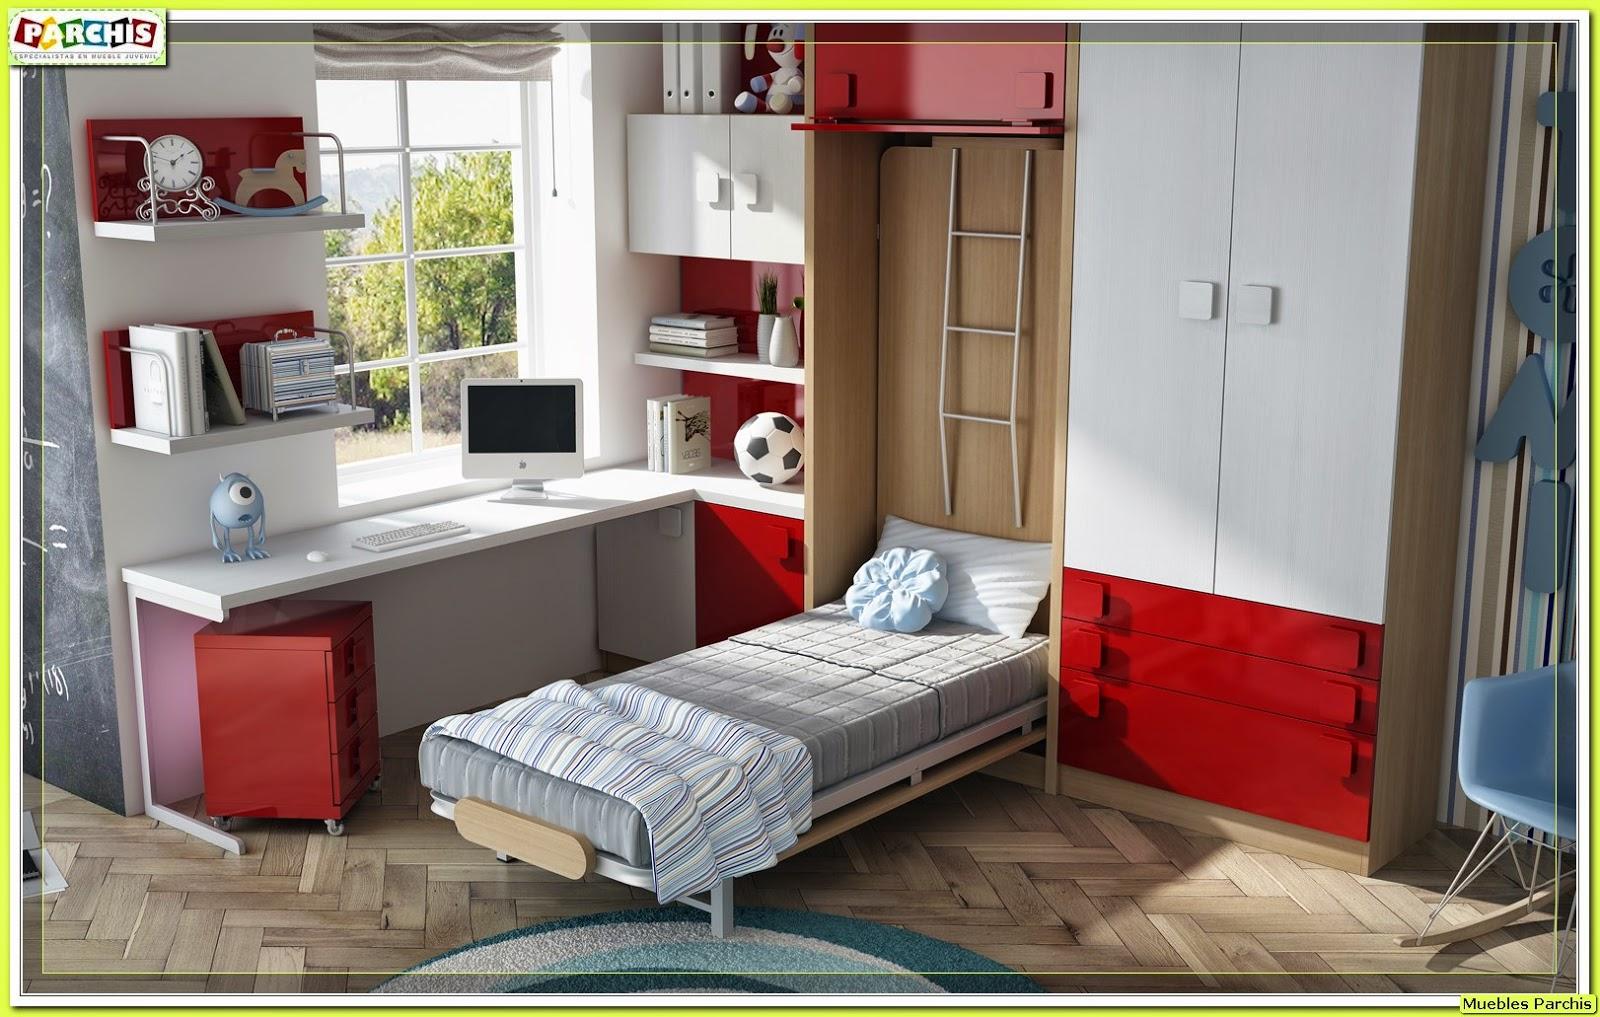 Imagenes de muebles de madera para dormitorio - Dormitorios juveniles el mueble ...